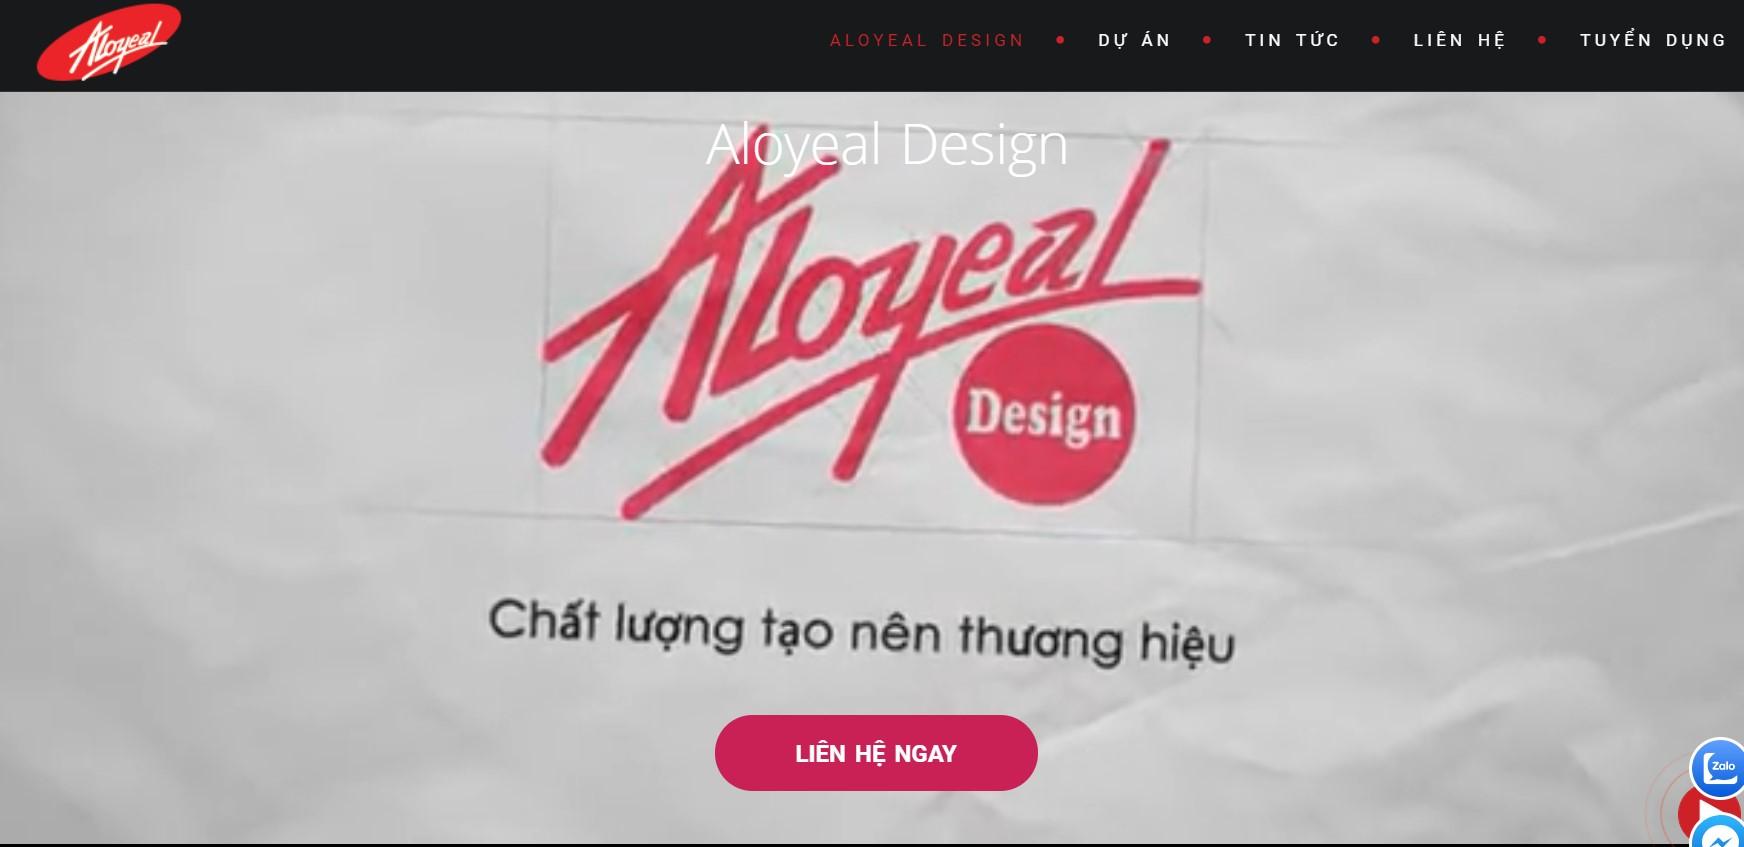 Công ty thiết kế nhà Aloyeal Design